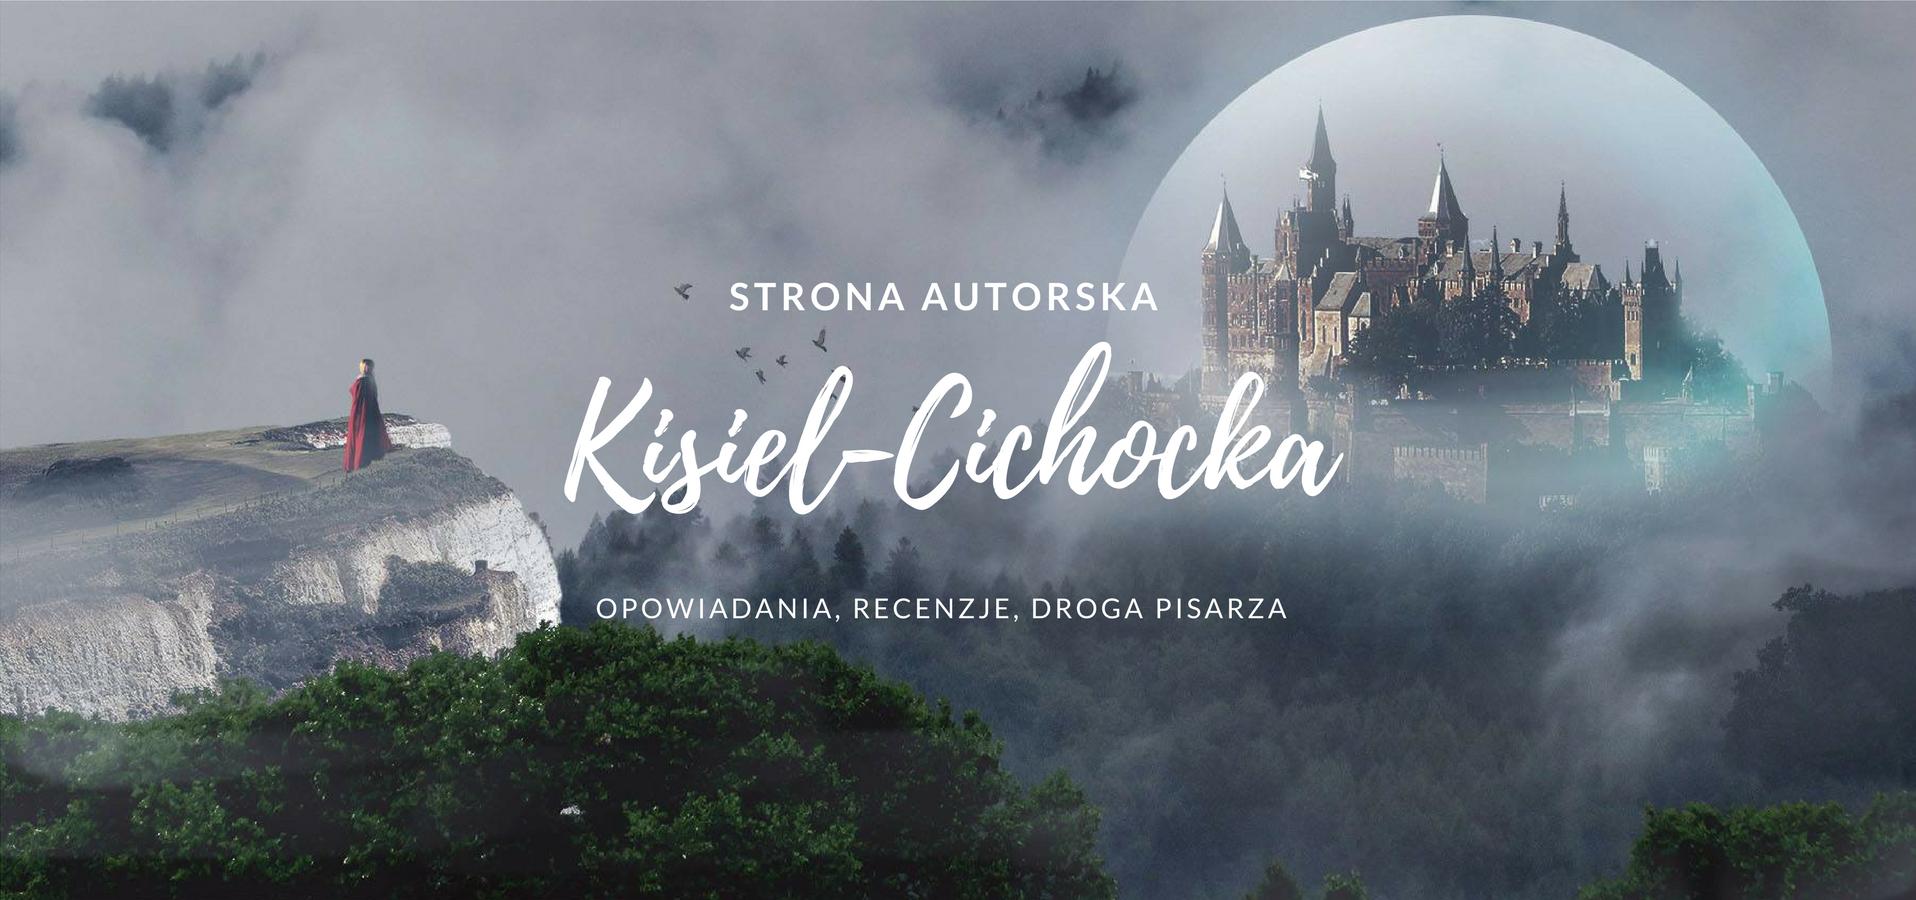 kisielcichocka.pl cover by jaroszart